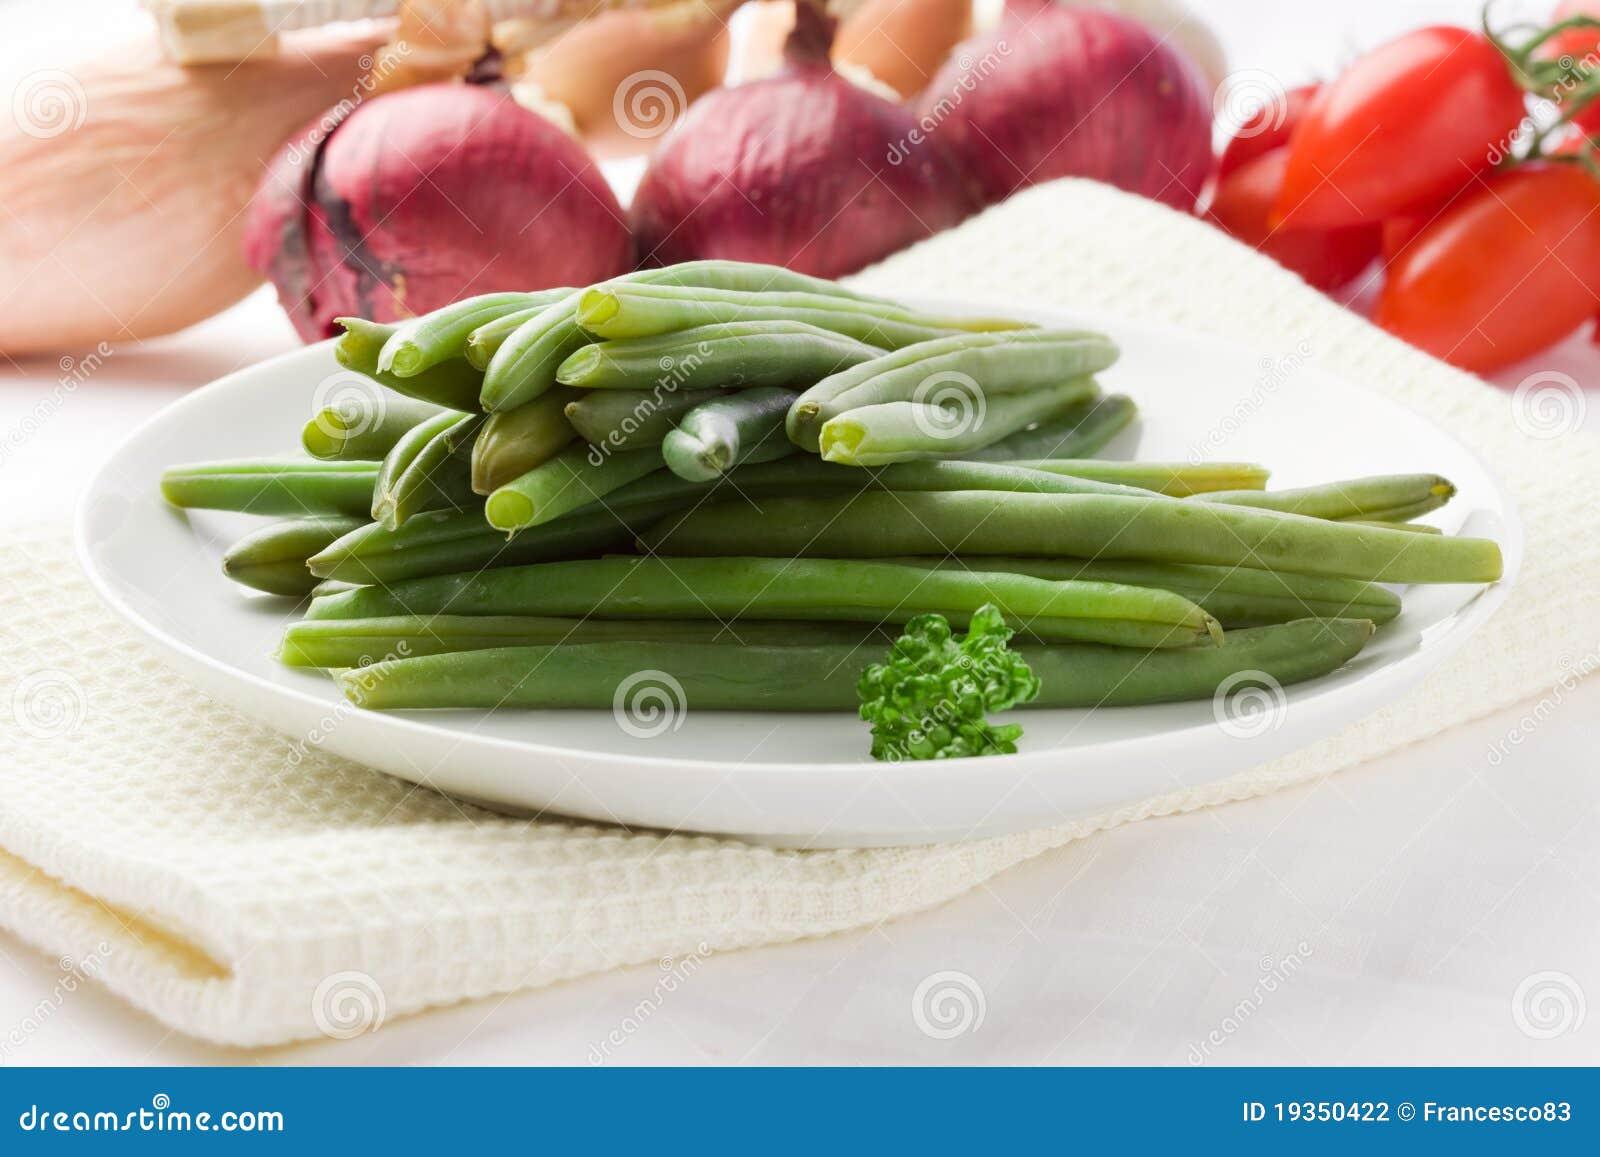 Feijões verdes - feijões franceses